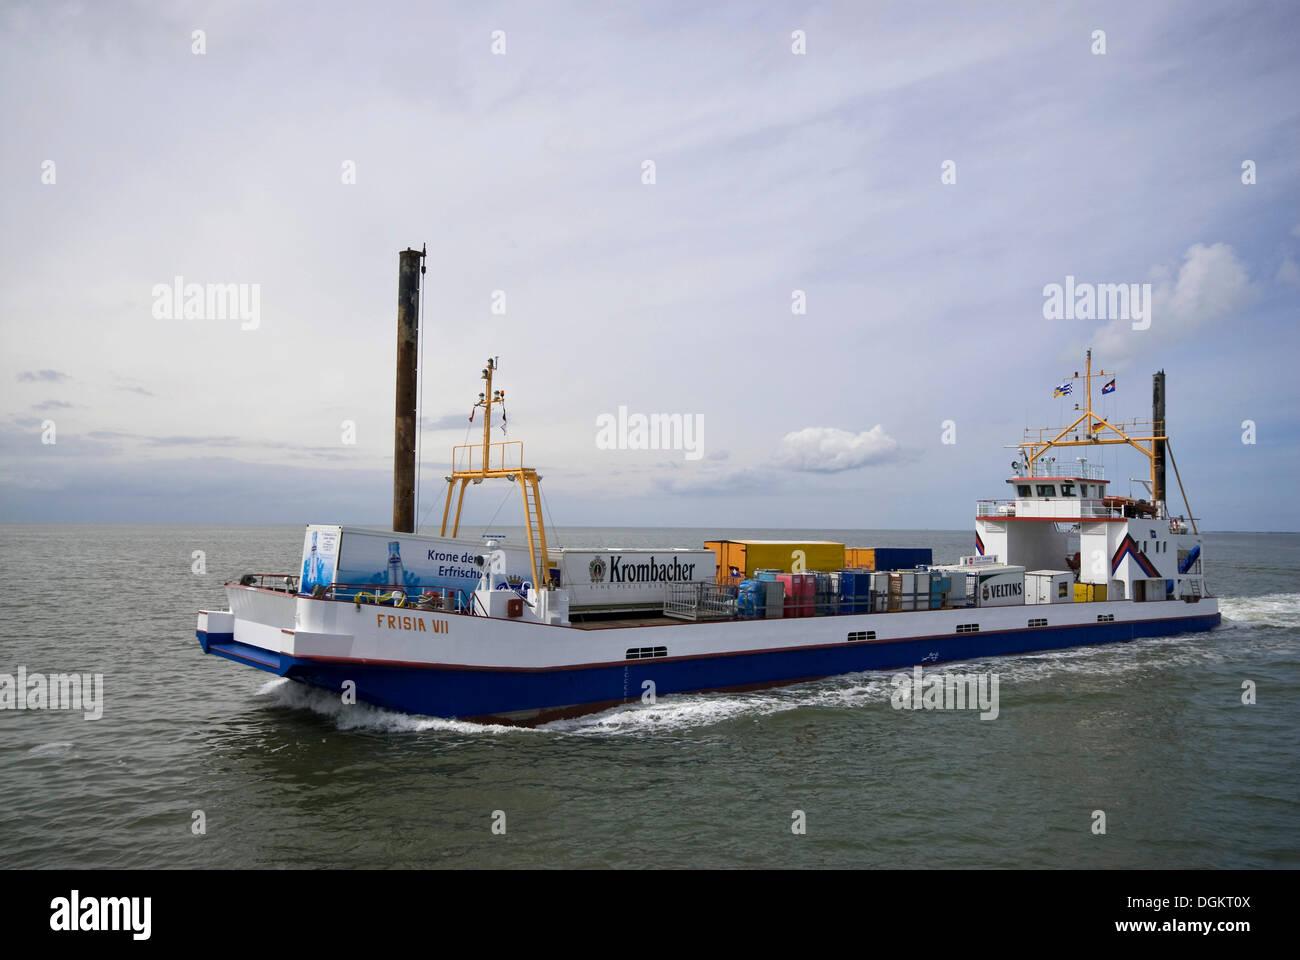 Appartamento keeled freighter in motion, Frisia VII, con forniture per Juist Isola, Bassa Sassonia, il Wadden Sea Immagini Stock